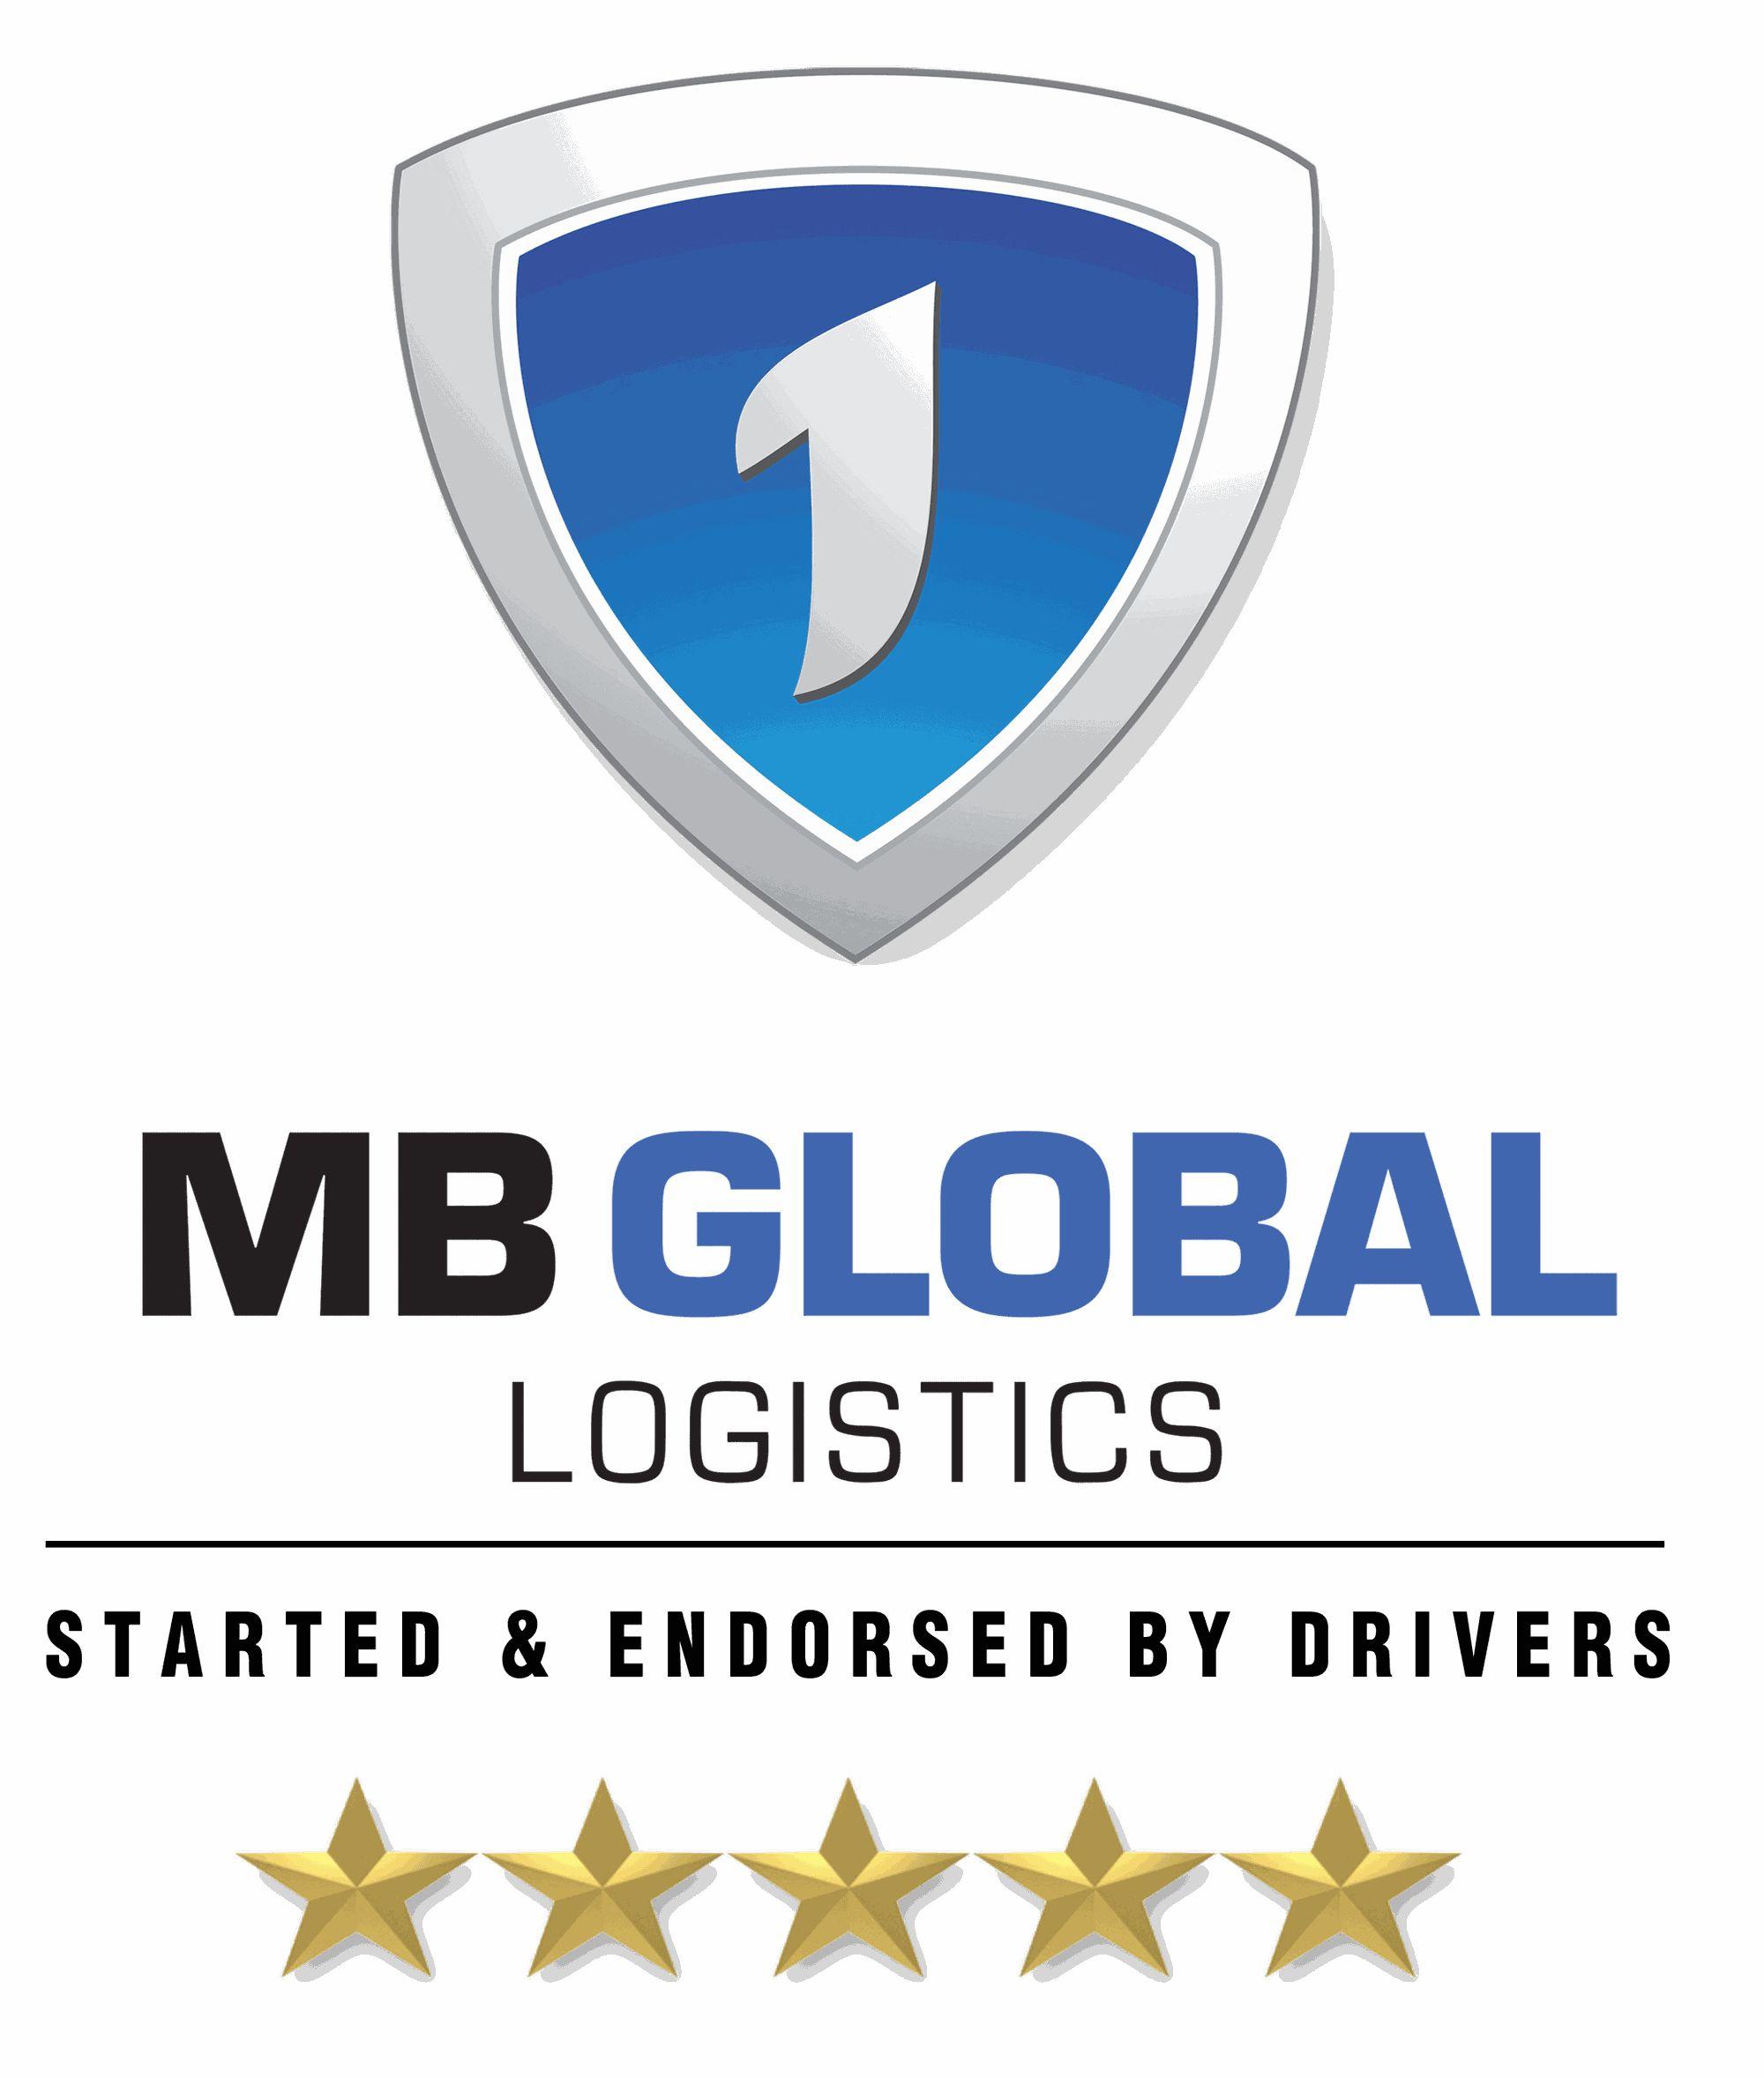 MB Global Logistics